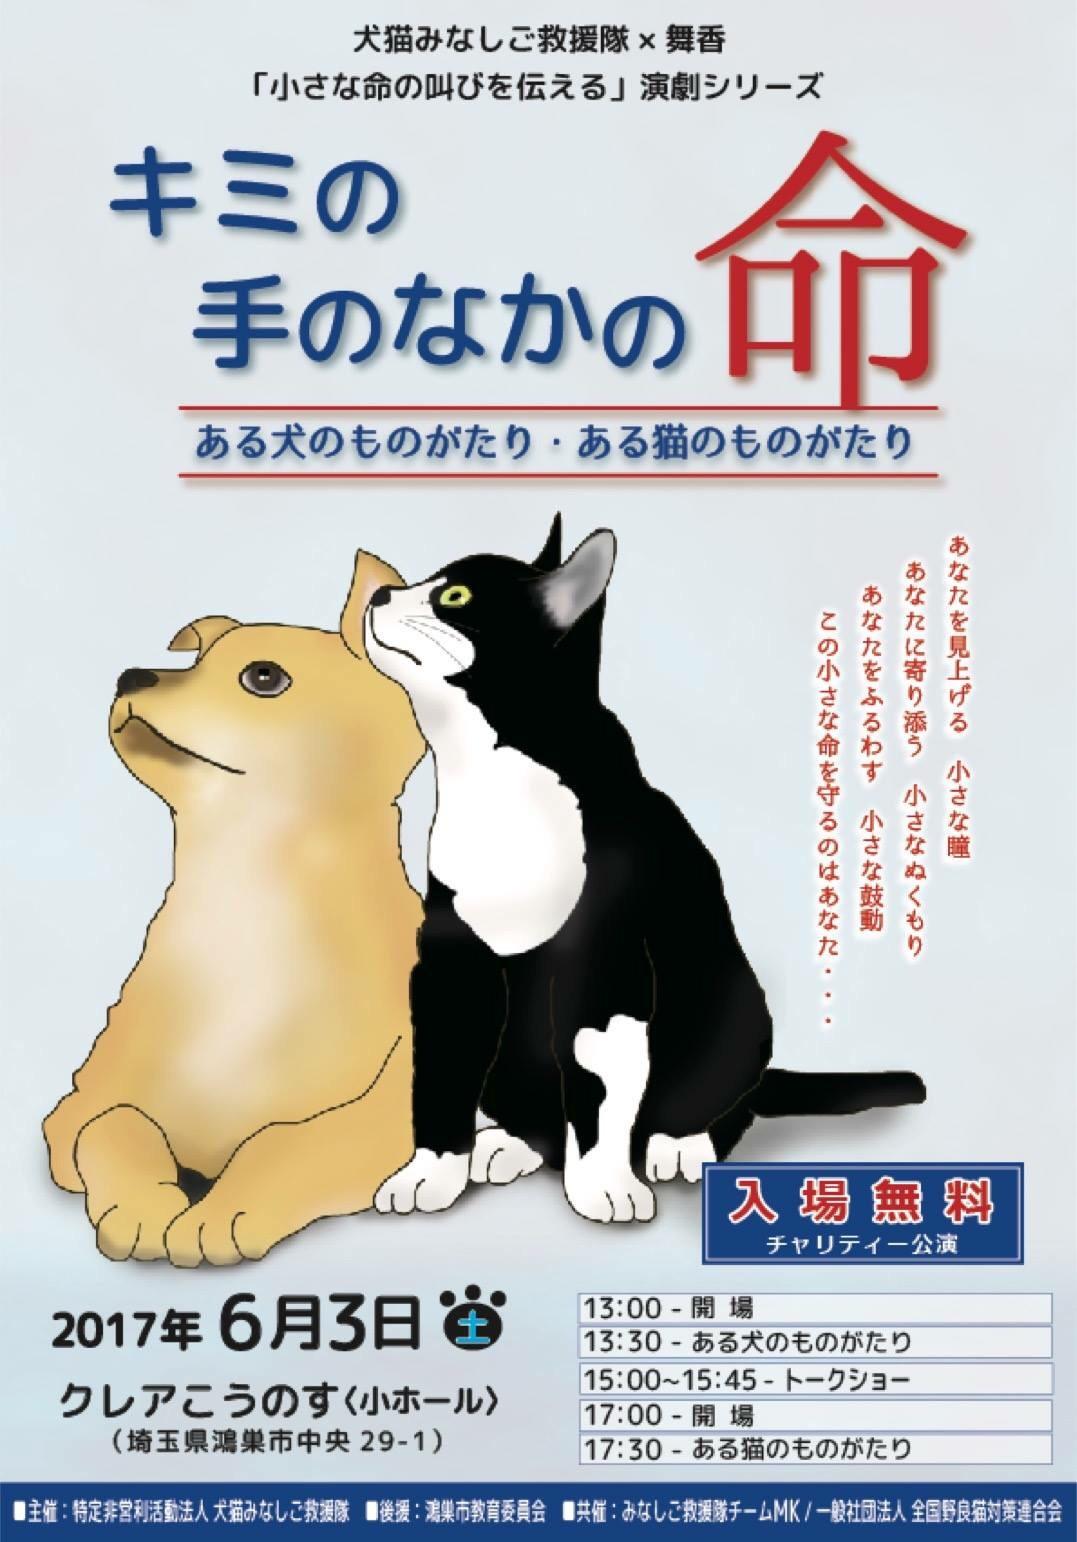 救援 隊 みなし 百合 ご ブログ 犬 中谷 猫